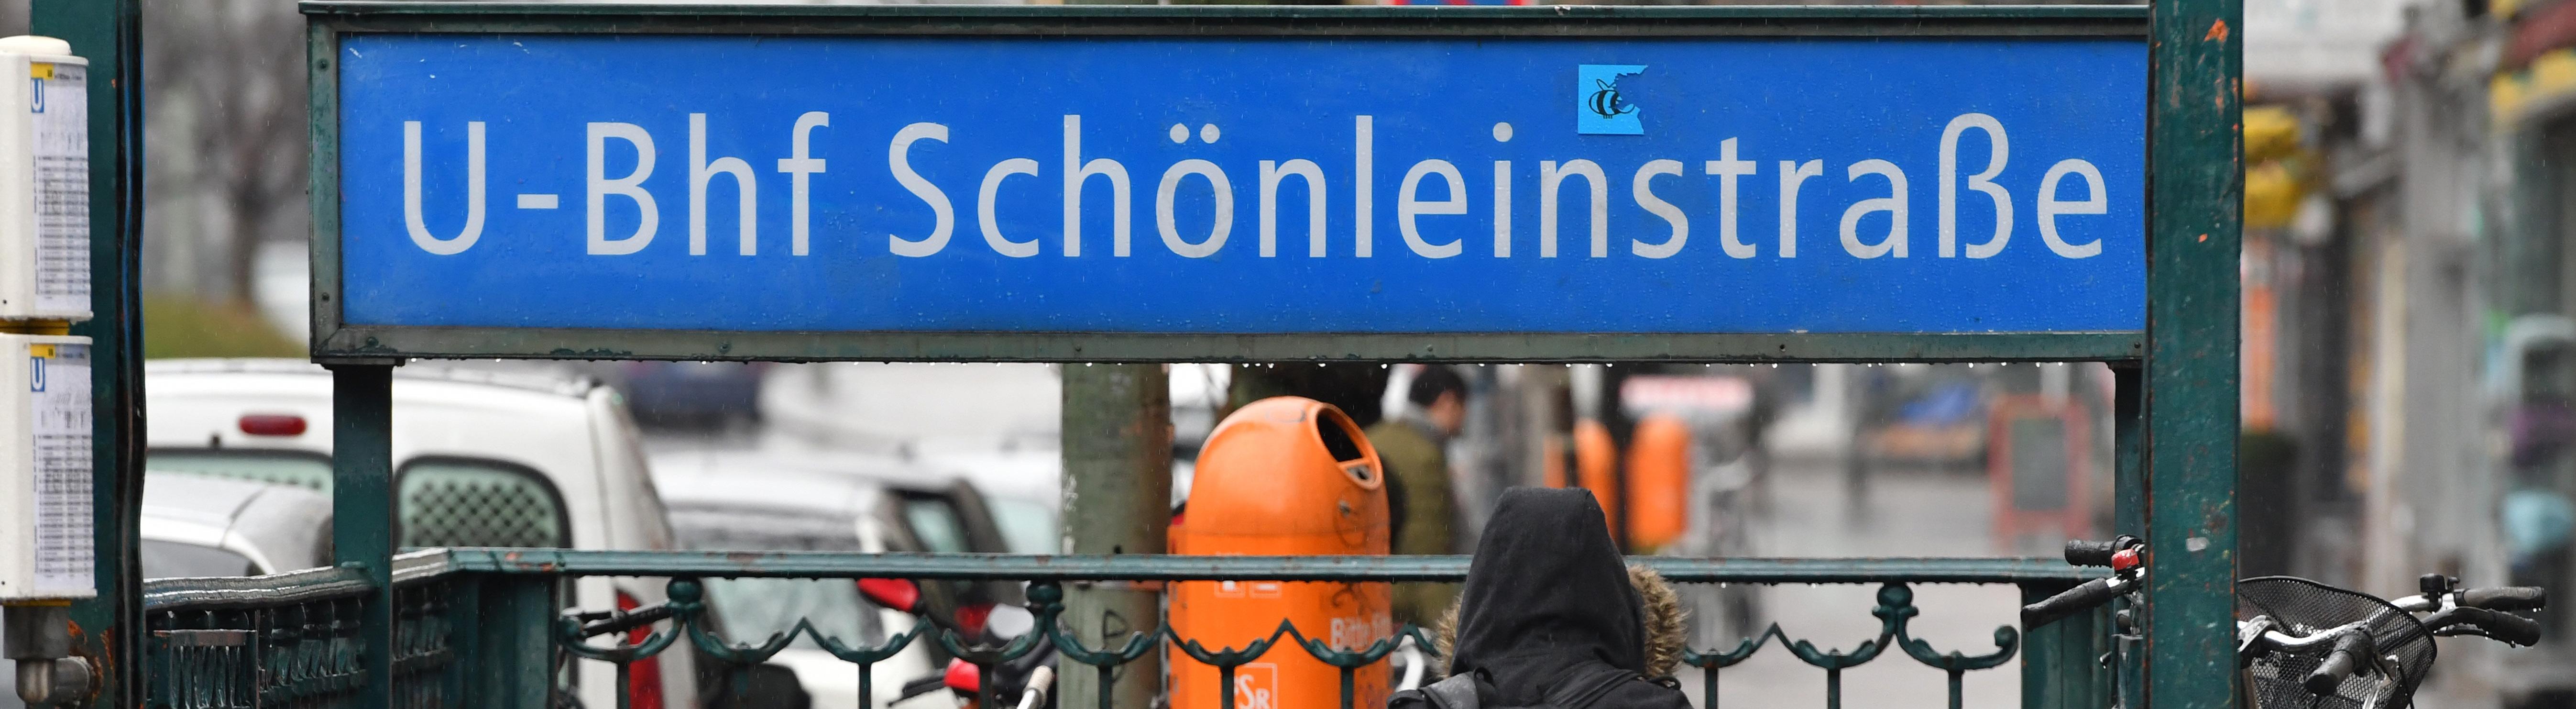 Die U-Bahn-Haltestelle Schönleinstraße